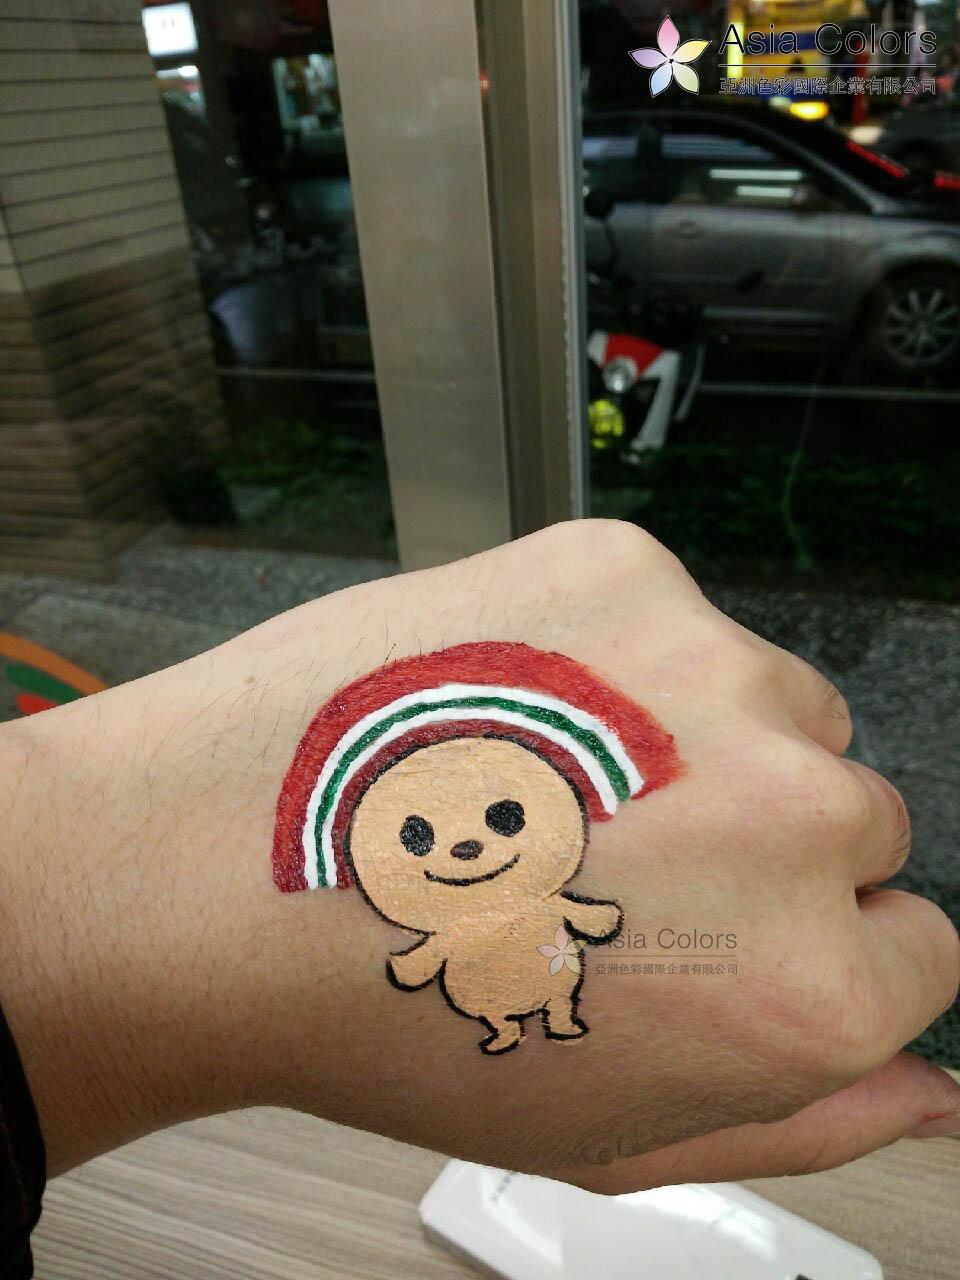 20160310  7-11活動_4589jpg_logo.jpg